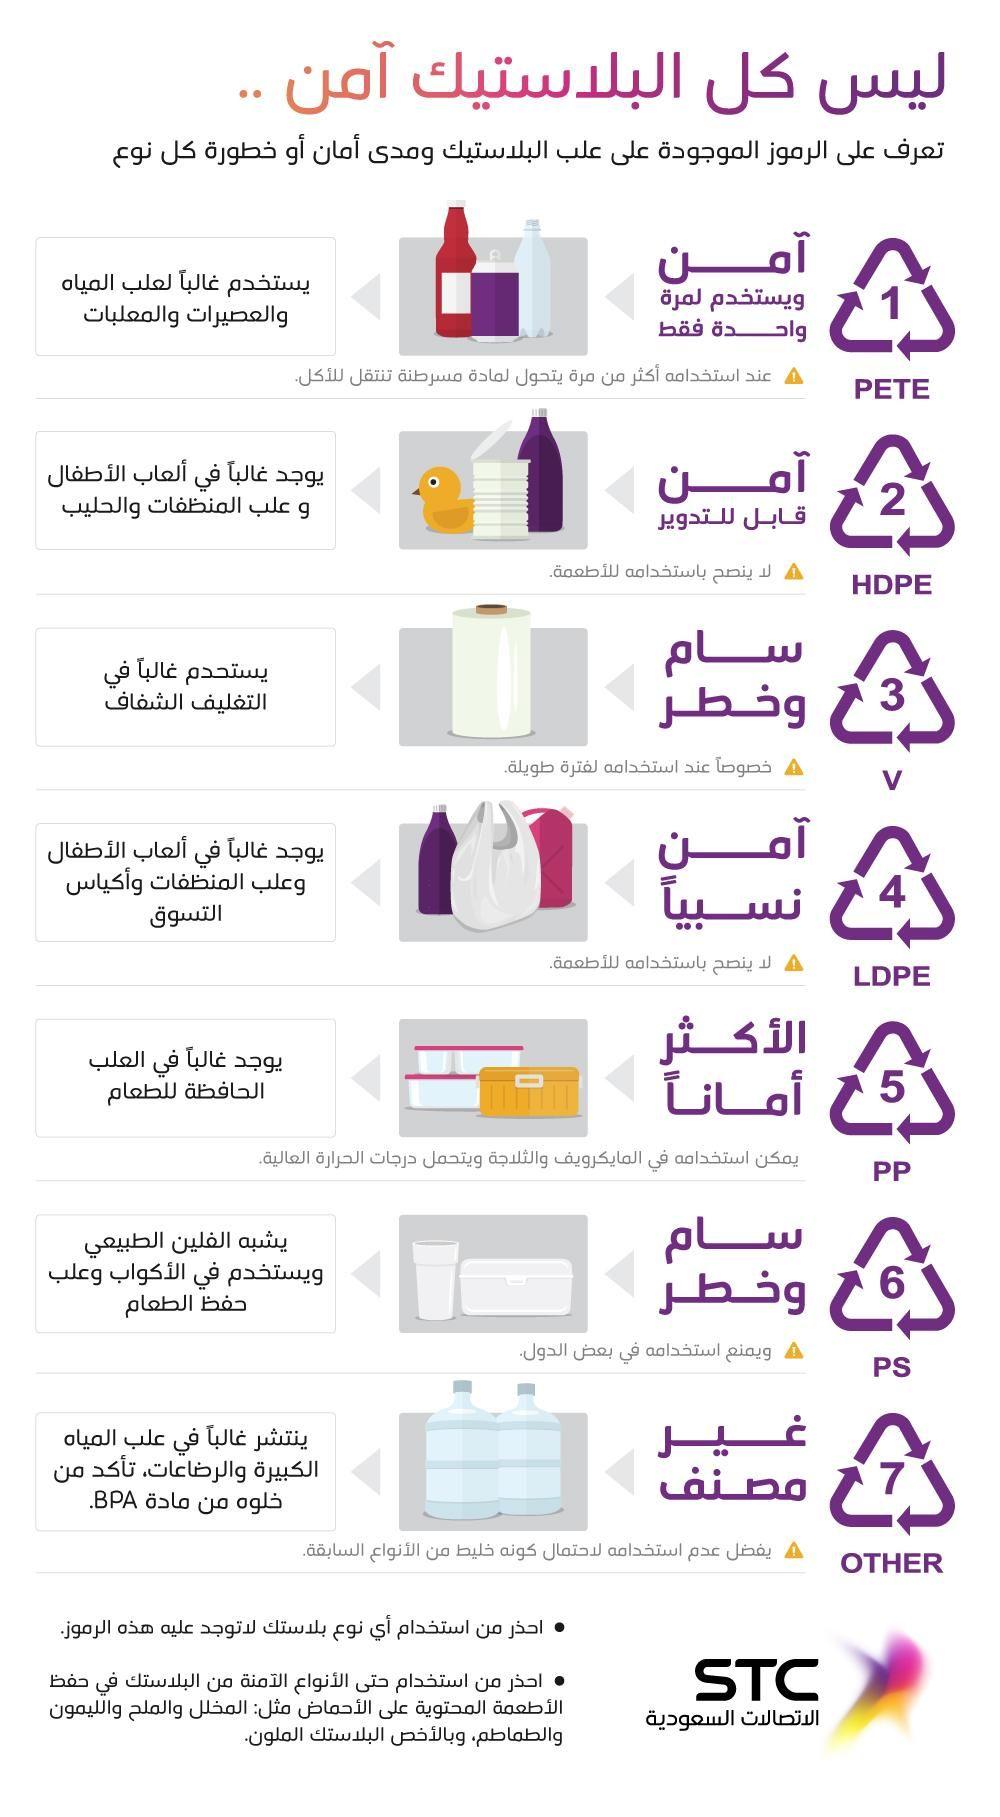 أمان وخطورة الرموز الموجودة على علب البلاستيك Health Facts Health Fitness Nutrition Health Advice